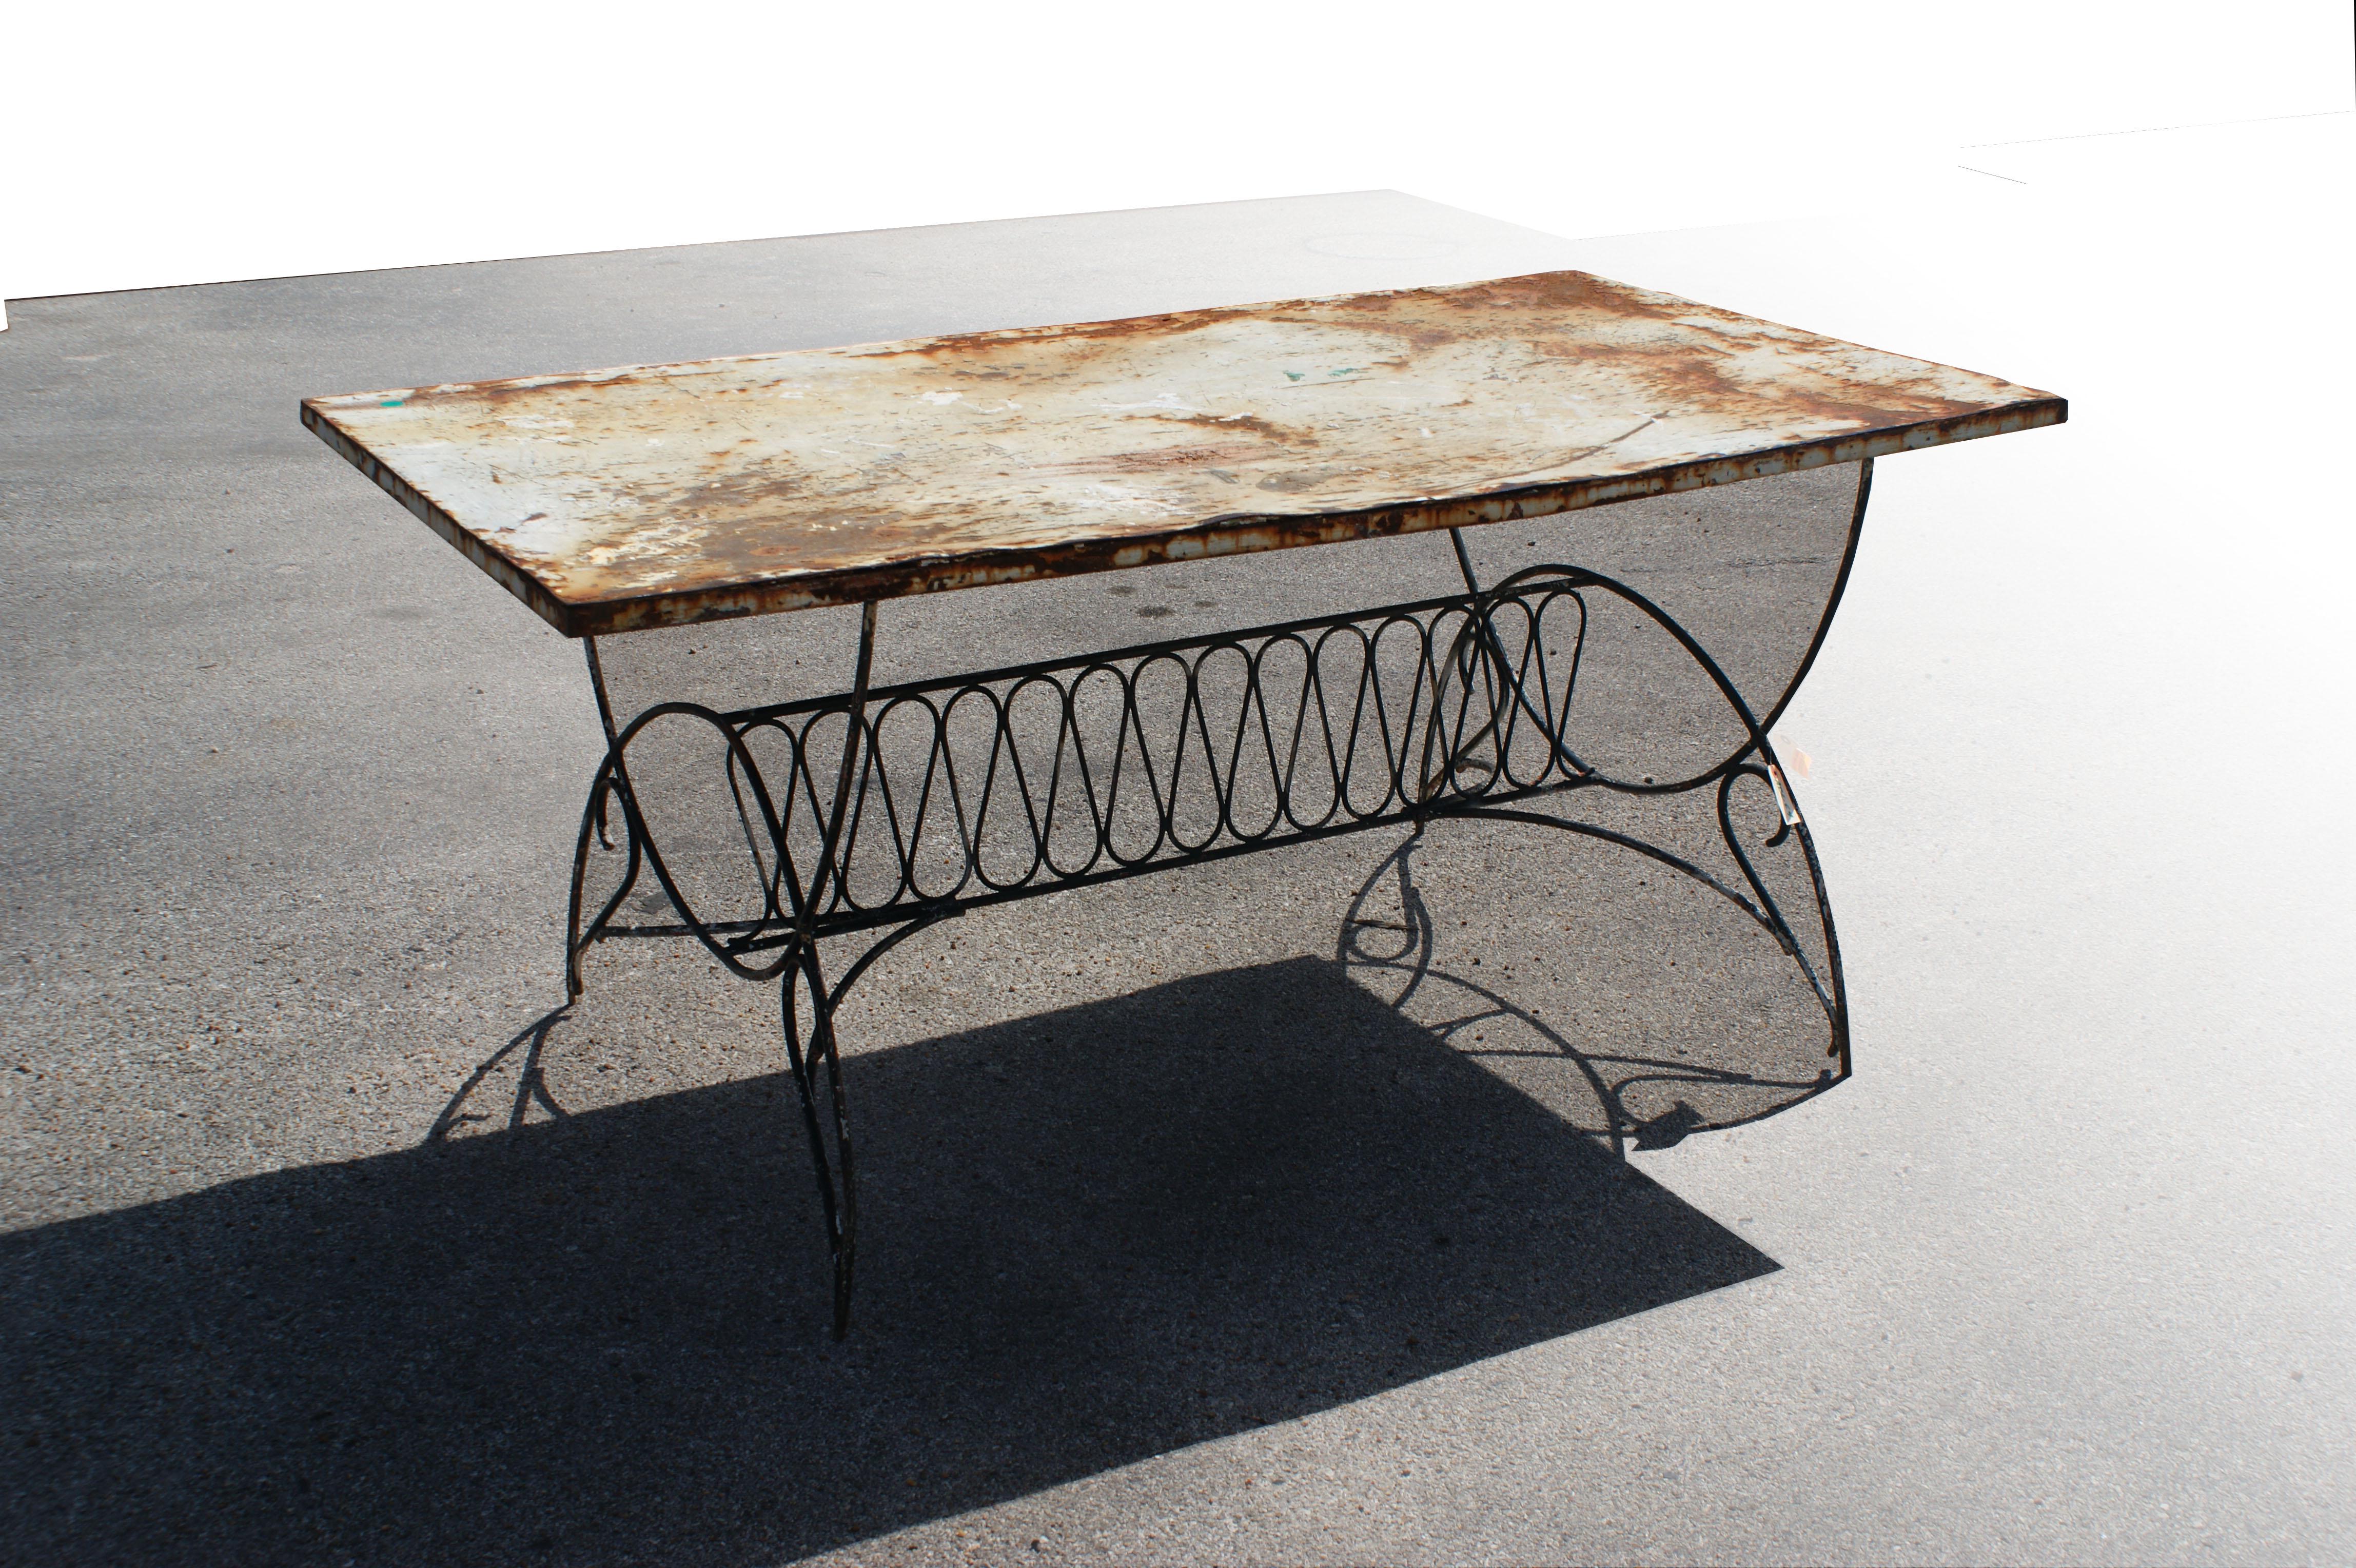 Vintage Art Deco Metal Outdoor Patio Dining Table